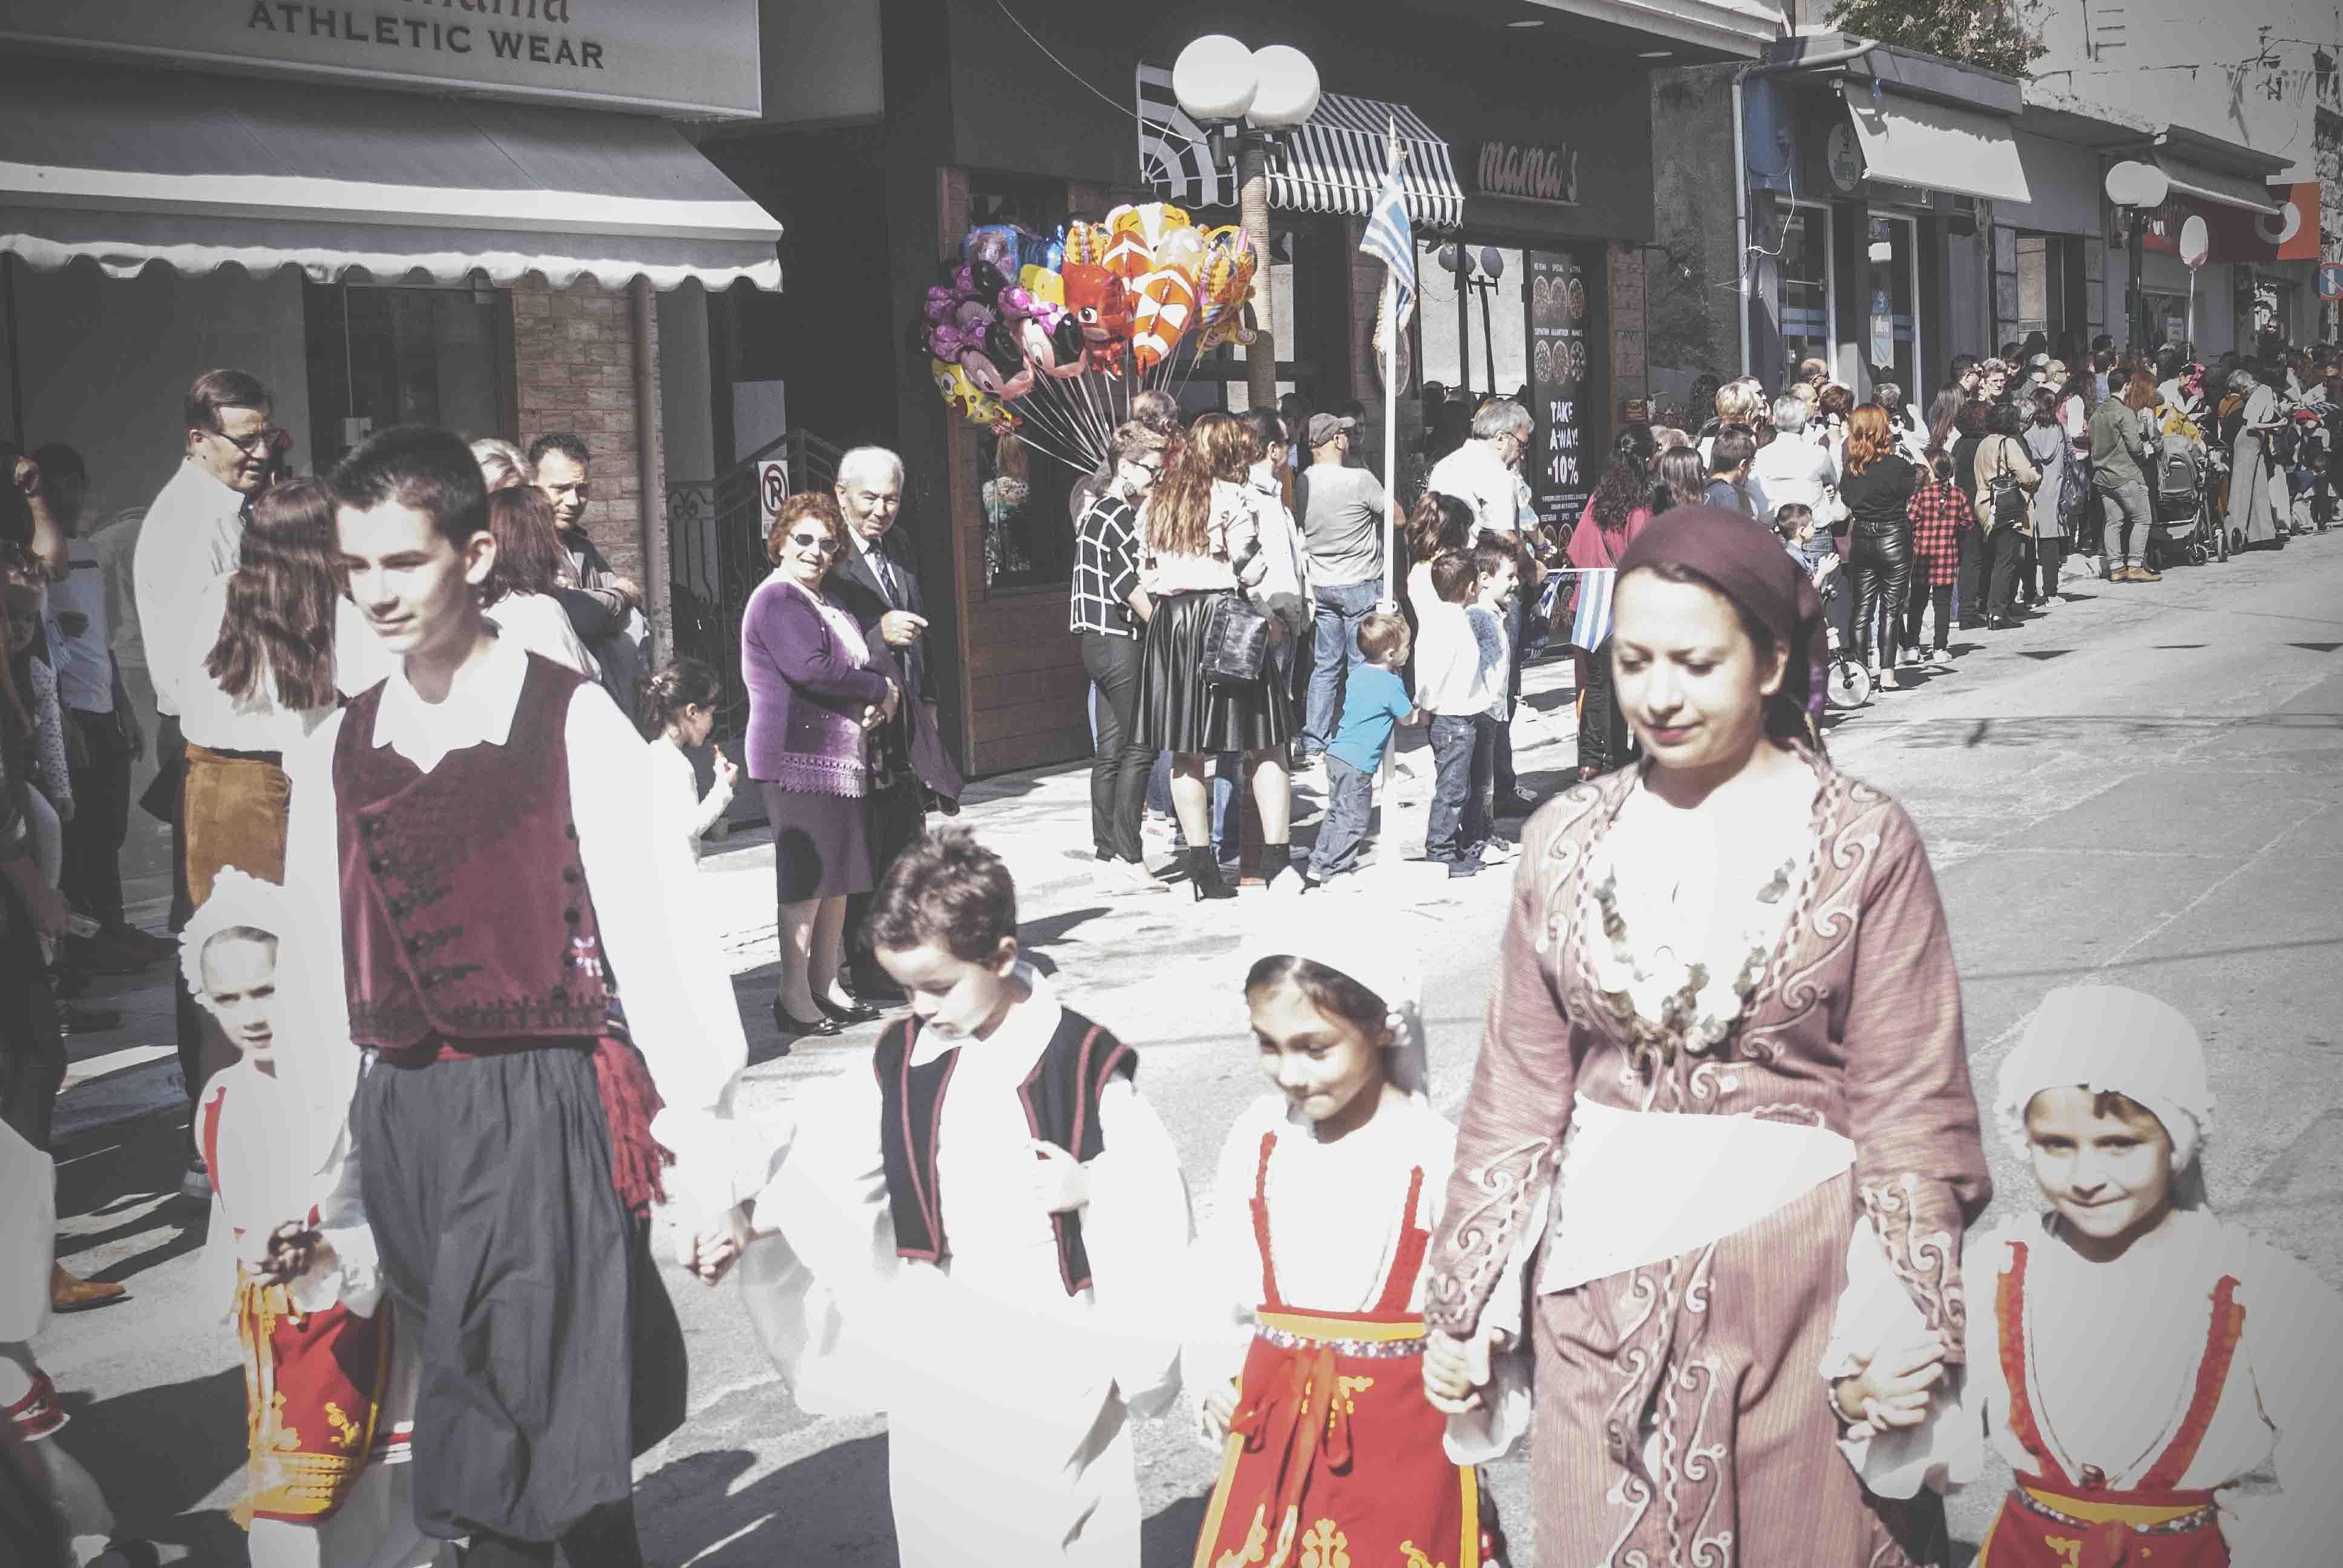 Φωτογραφικό υλικό από την παρέλαση στα Ψαχνά Φωτογραφικό υλικό από την παρέλαση στα Ψαχνά DSC 0336